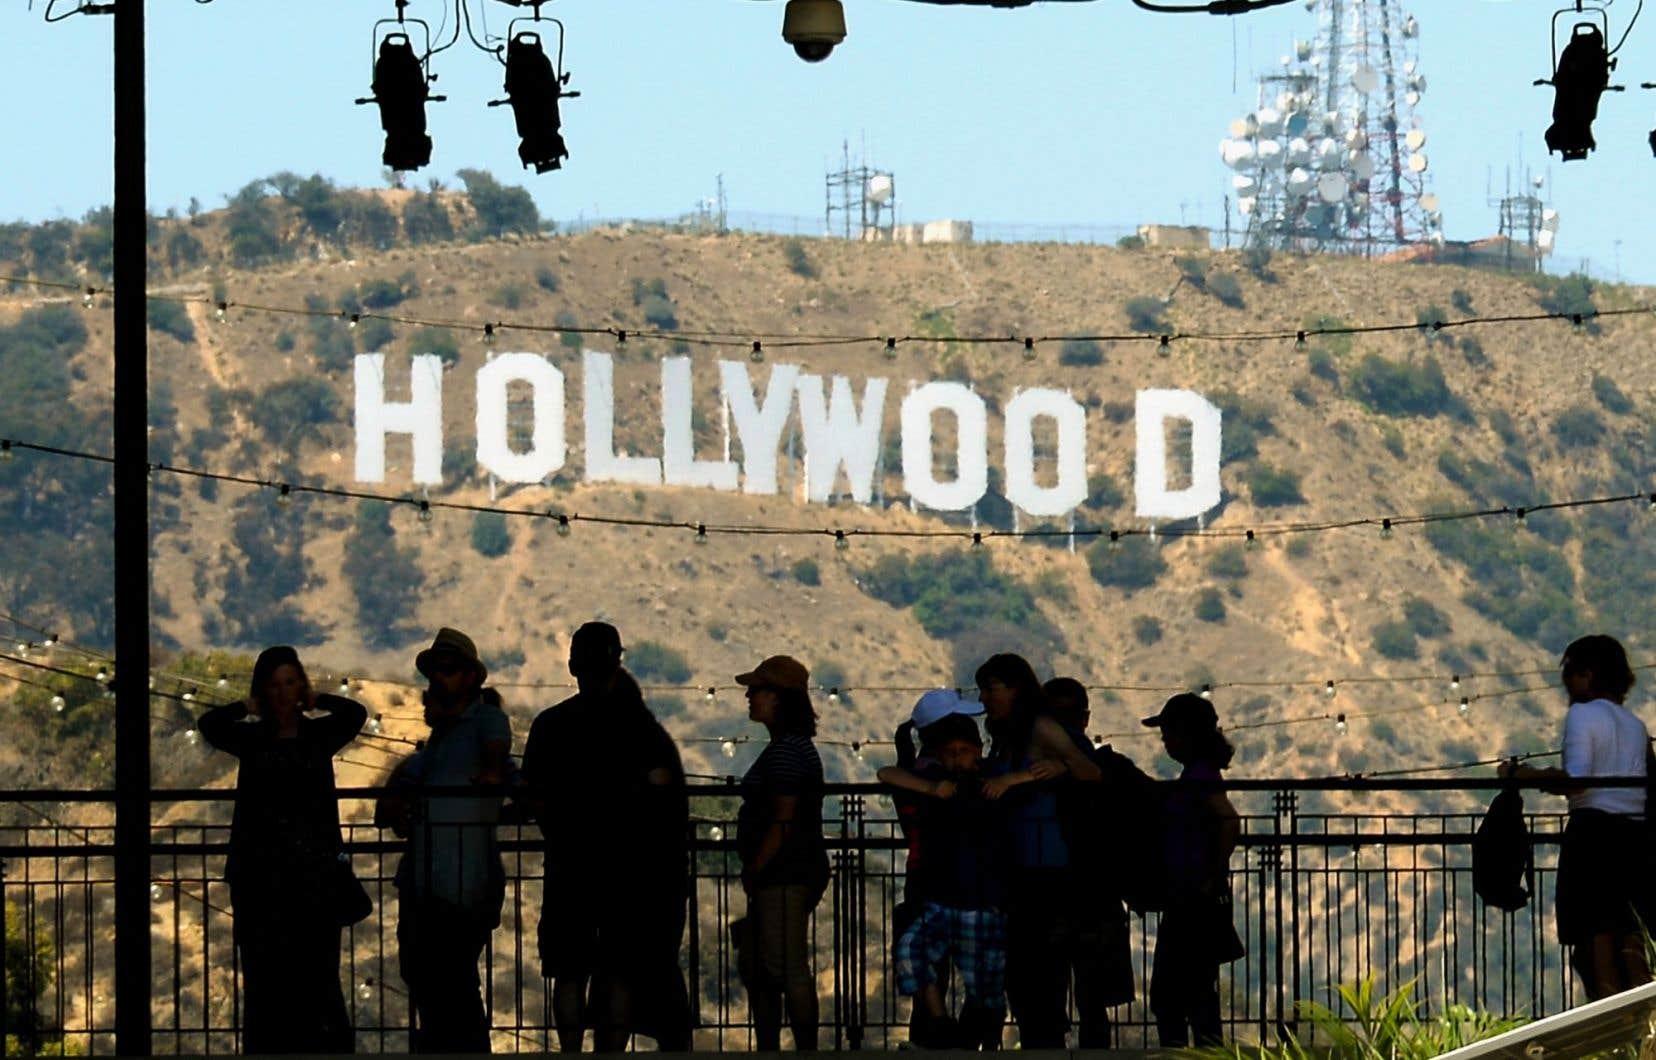 Hollywood vit une crise d'exclusion qui discrimine les femmes de même que les minorités ethniques et sexuelles, dénonce une nouvelle étude dévoilée à quelques jours de la cérémonie des Oscar.